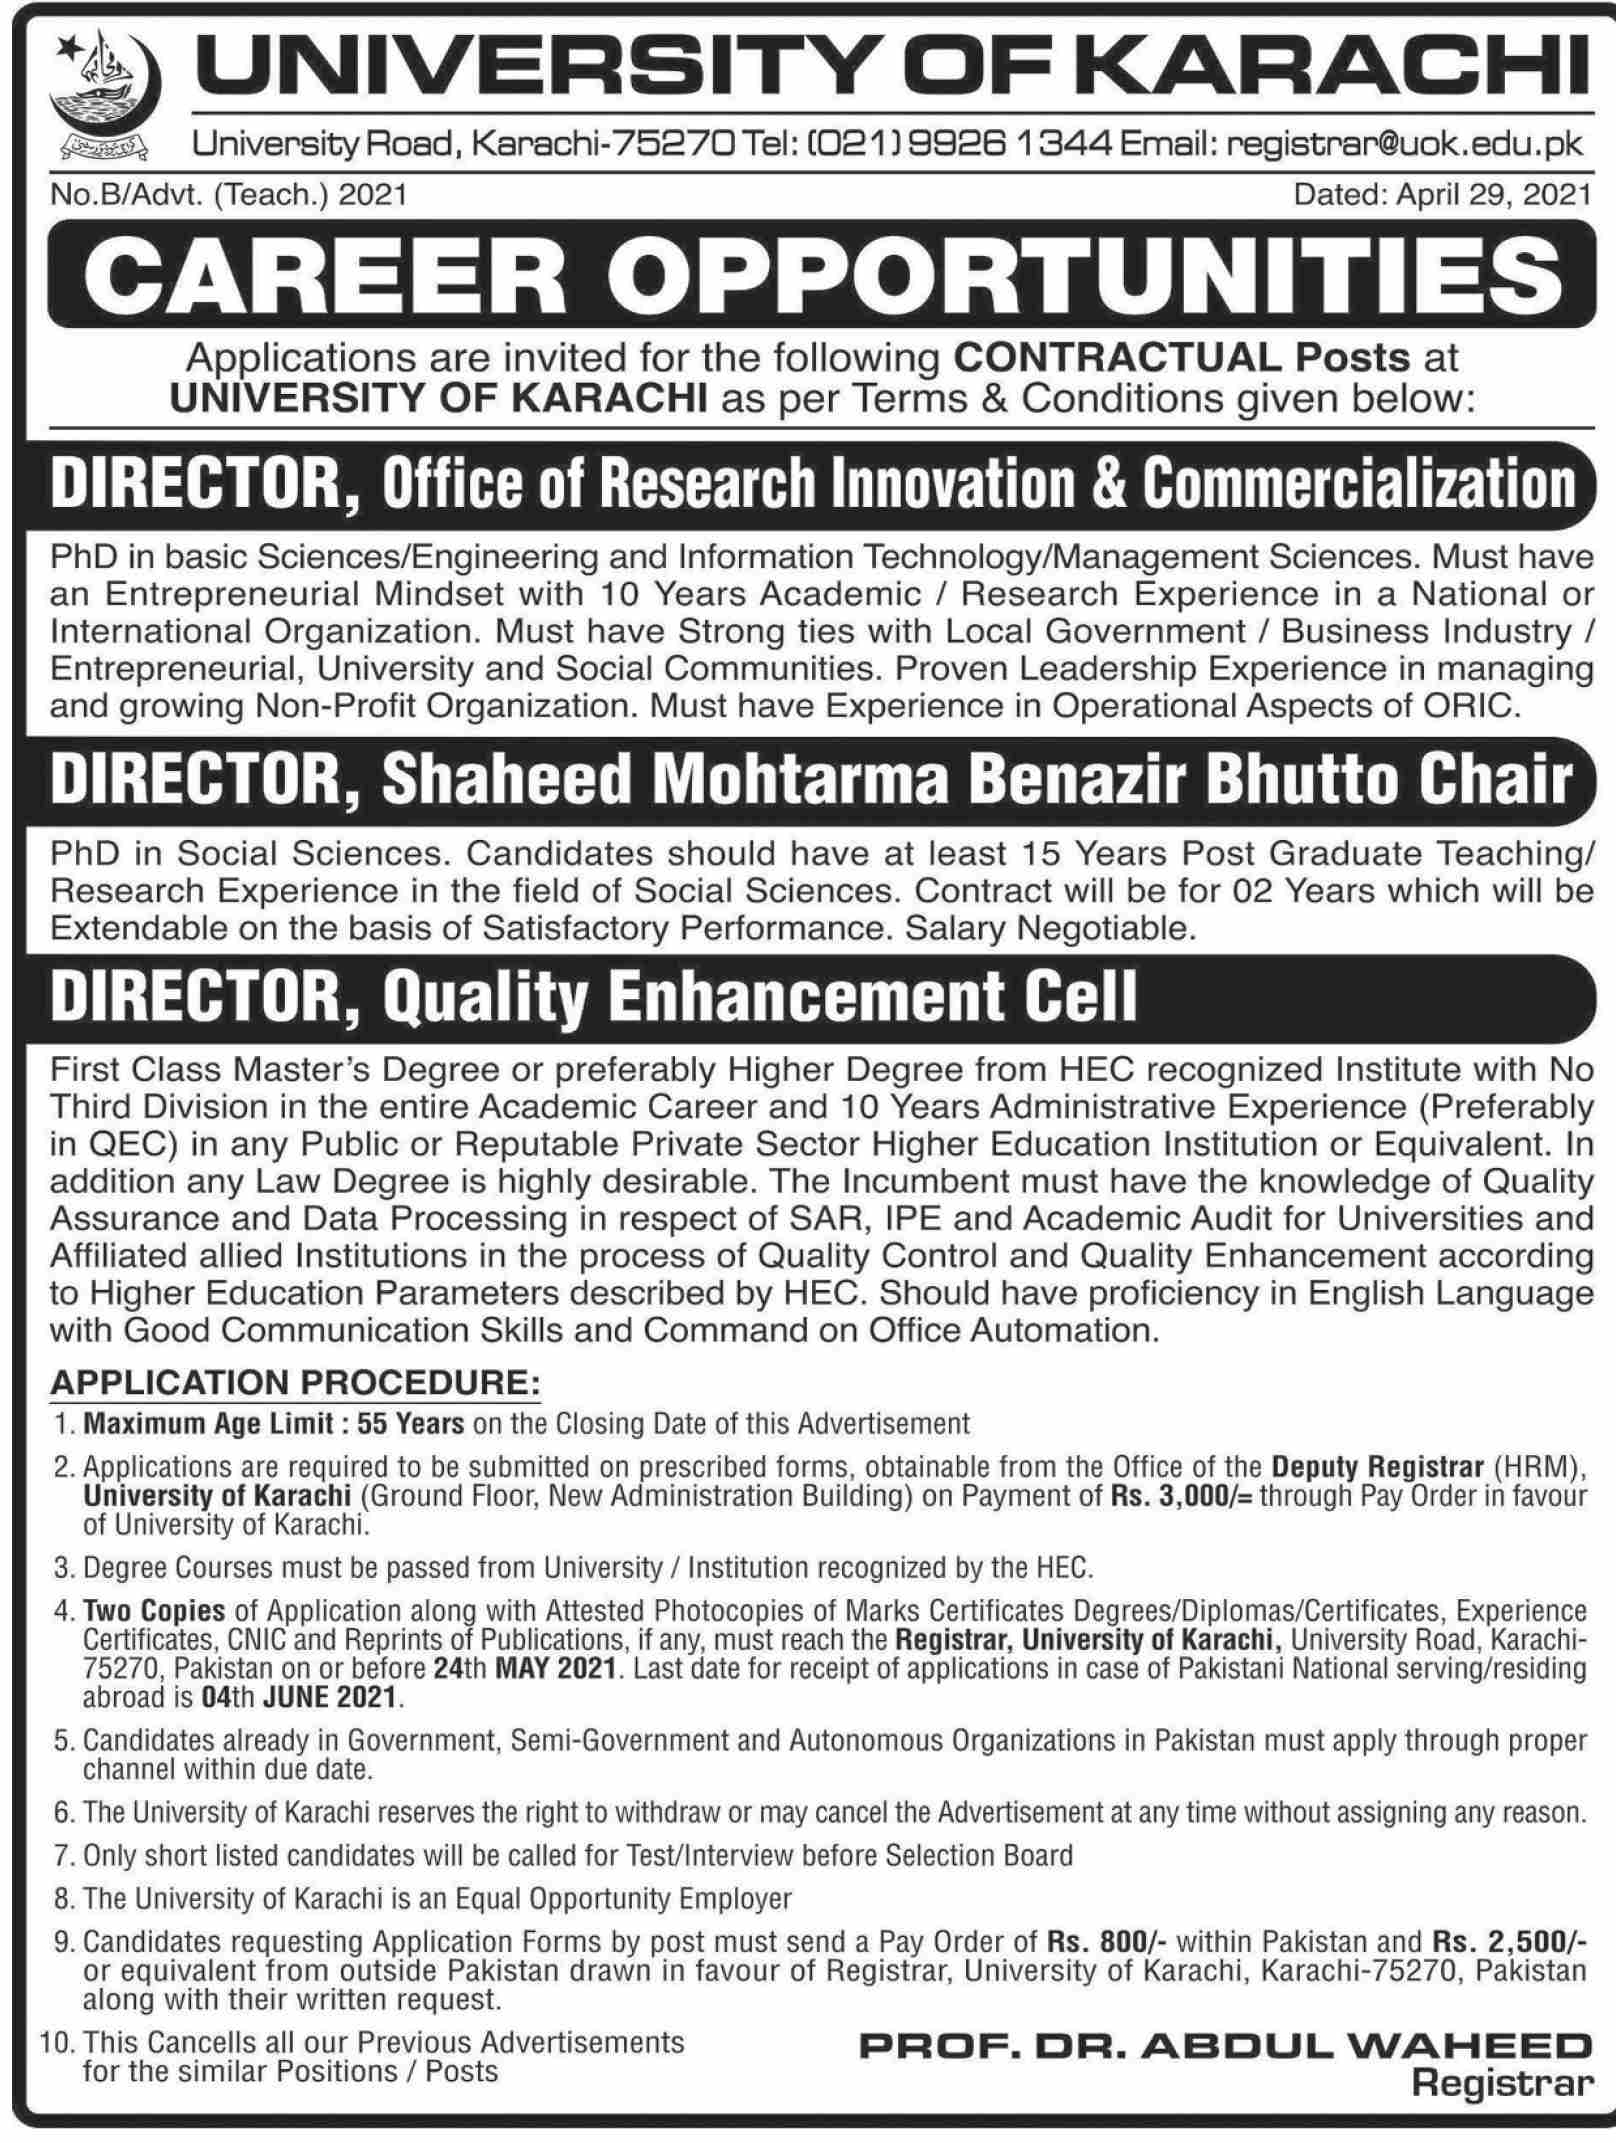 Jobs in University of Karachi For Directors in Karachi 2021